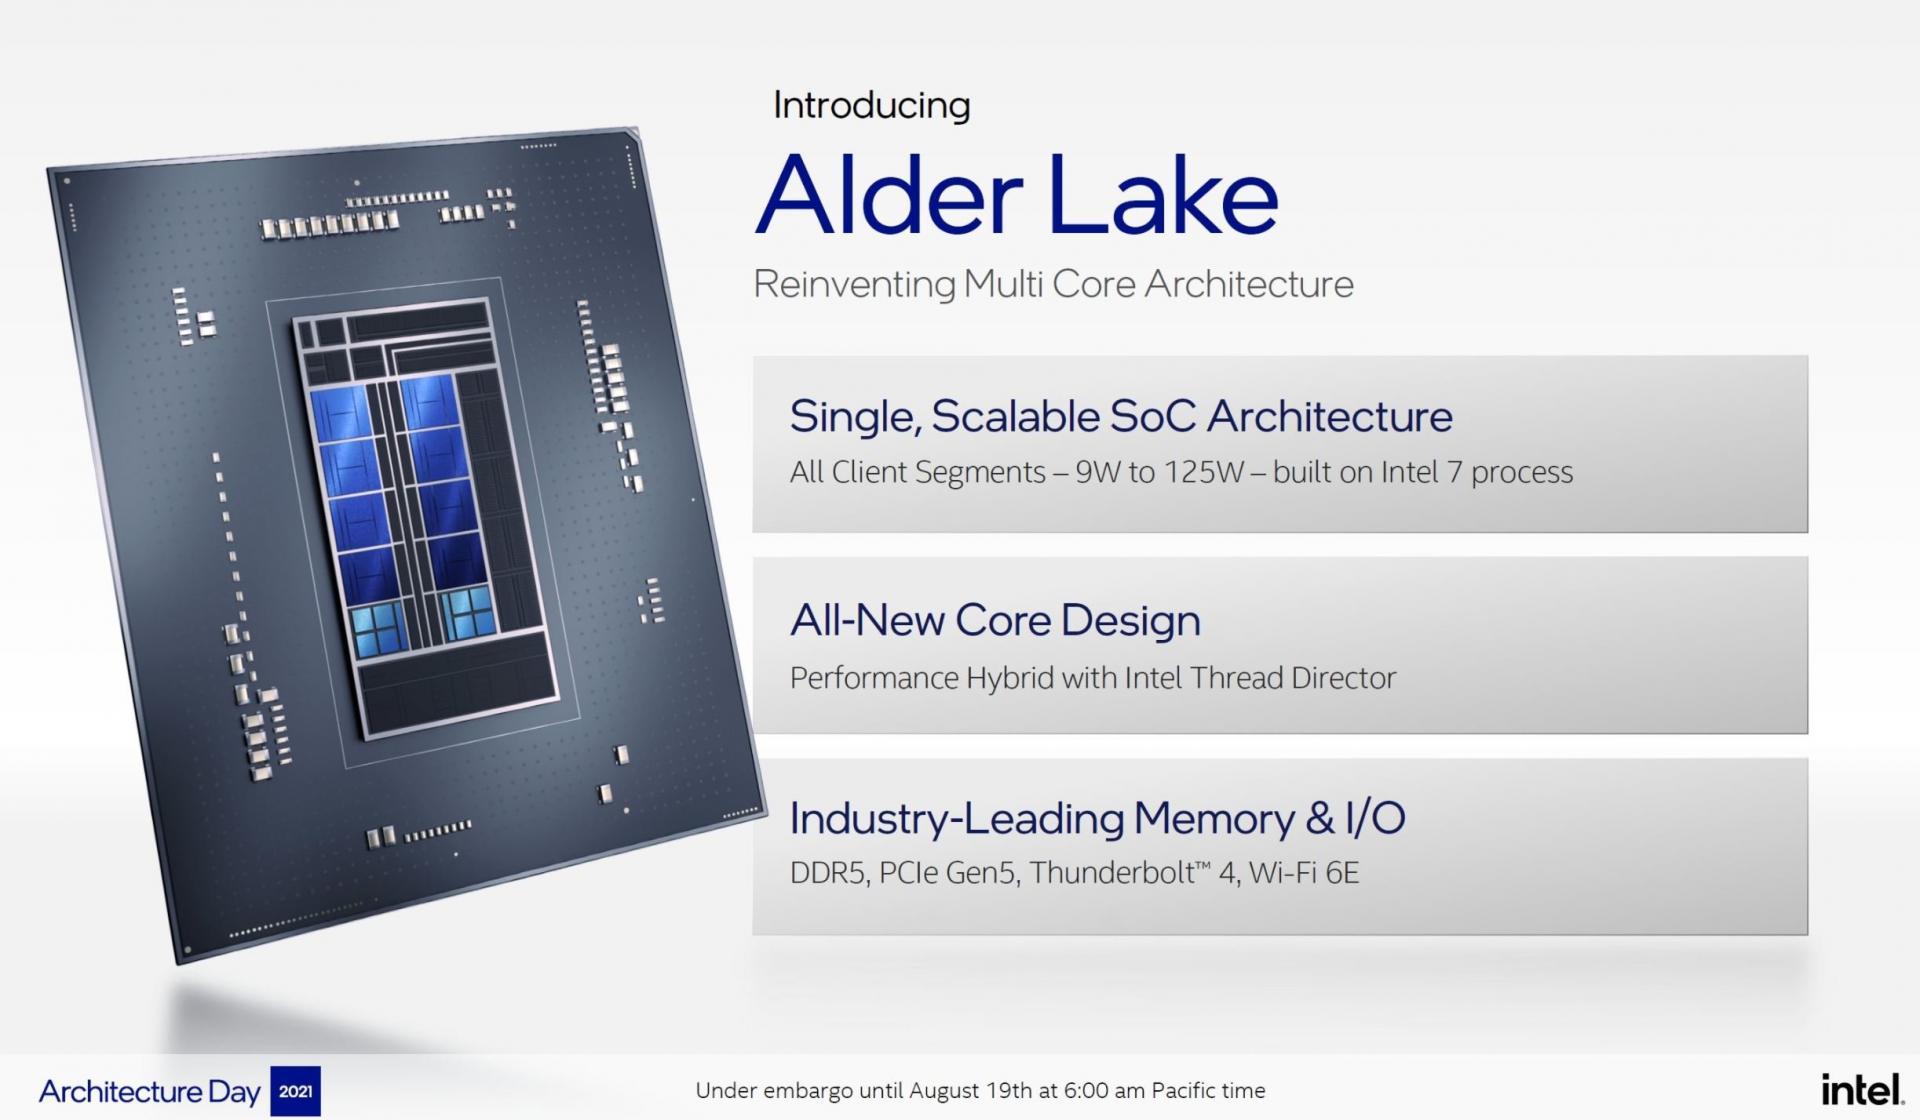 Появились европейские цены напроцессоры Intel Alder Lake